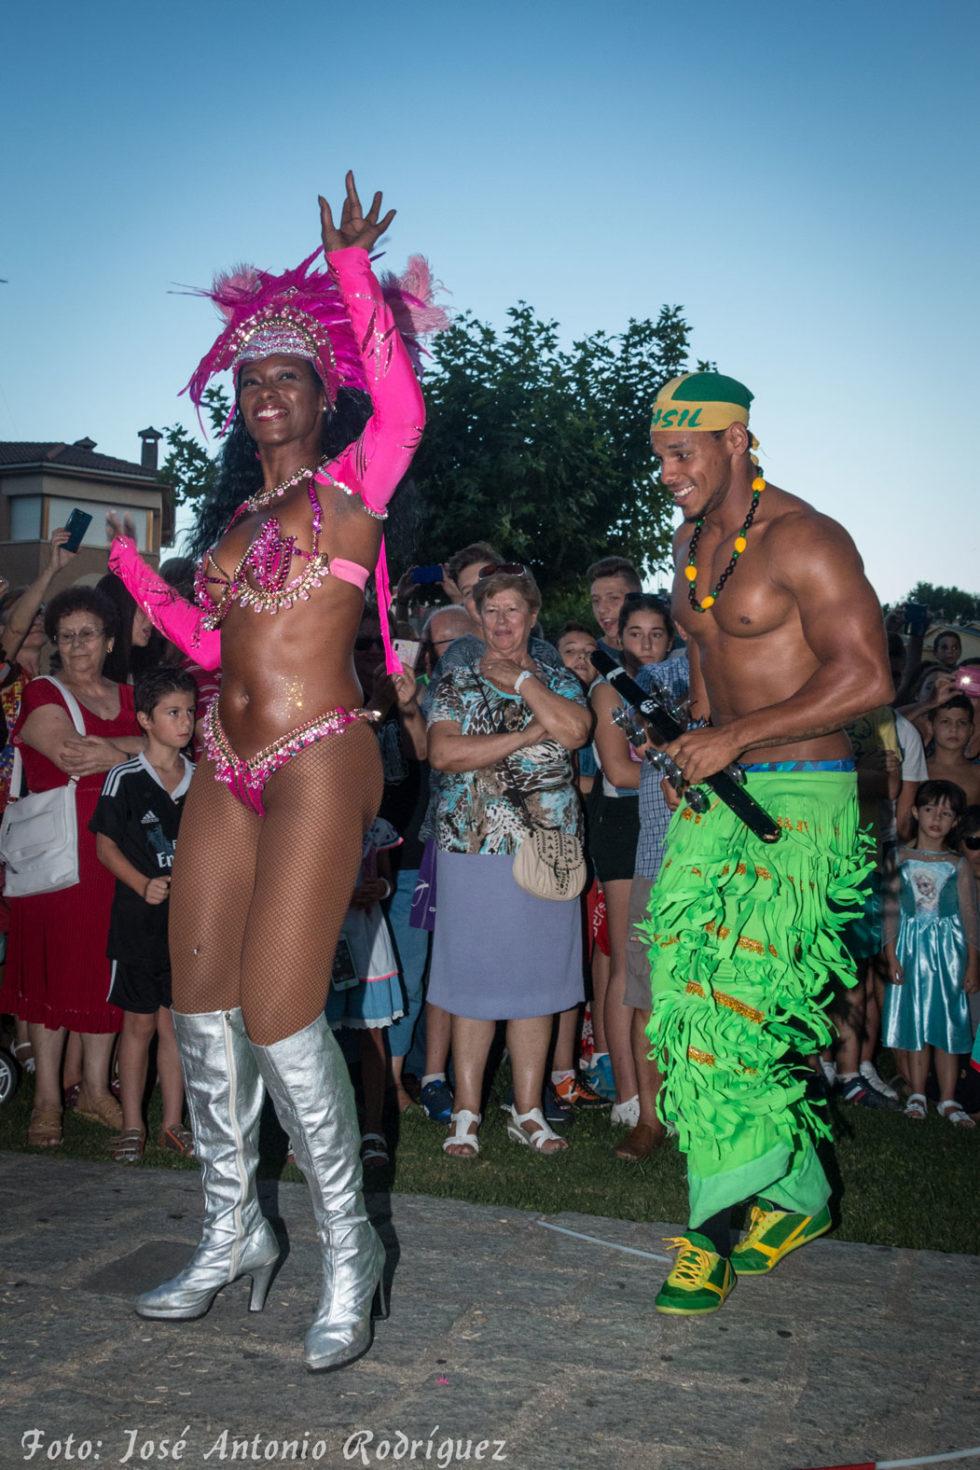 carnaval-de-verano-2015_19628053574_o